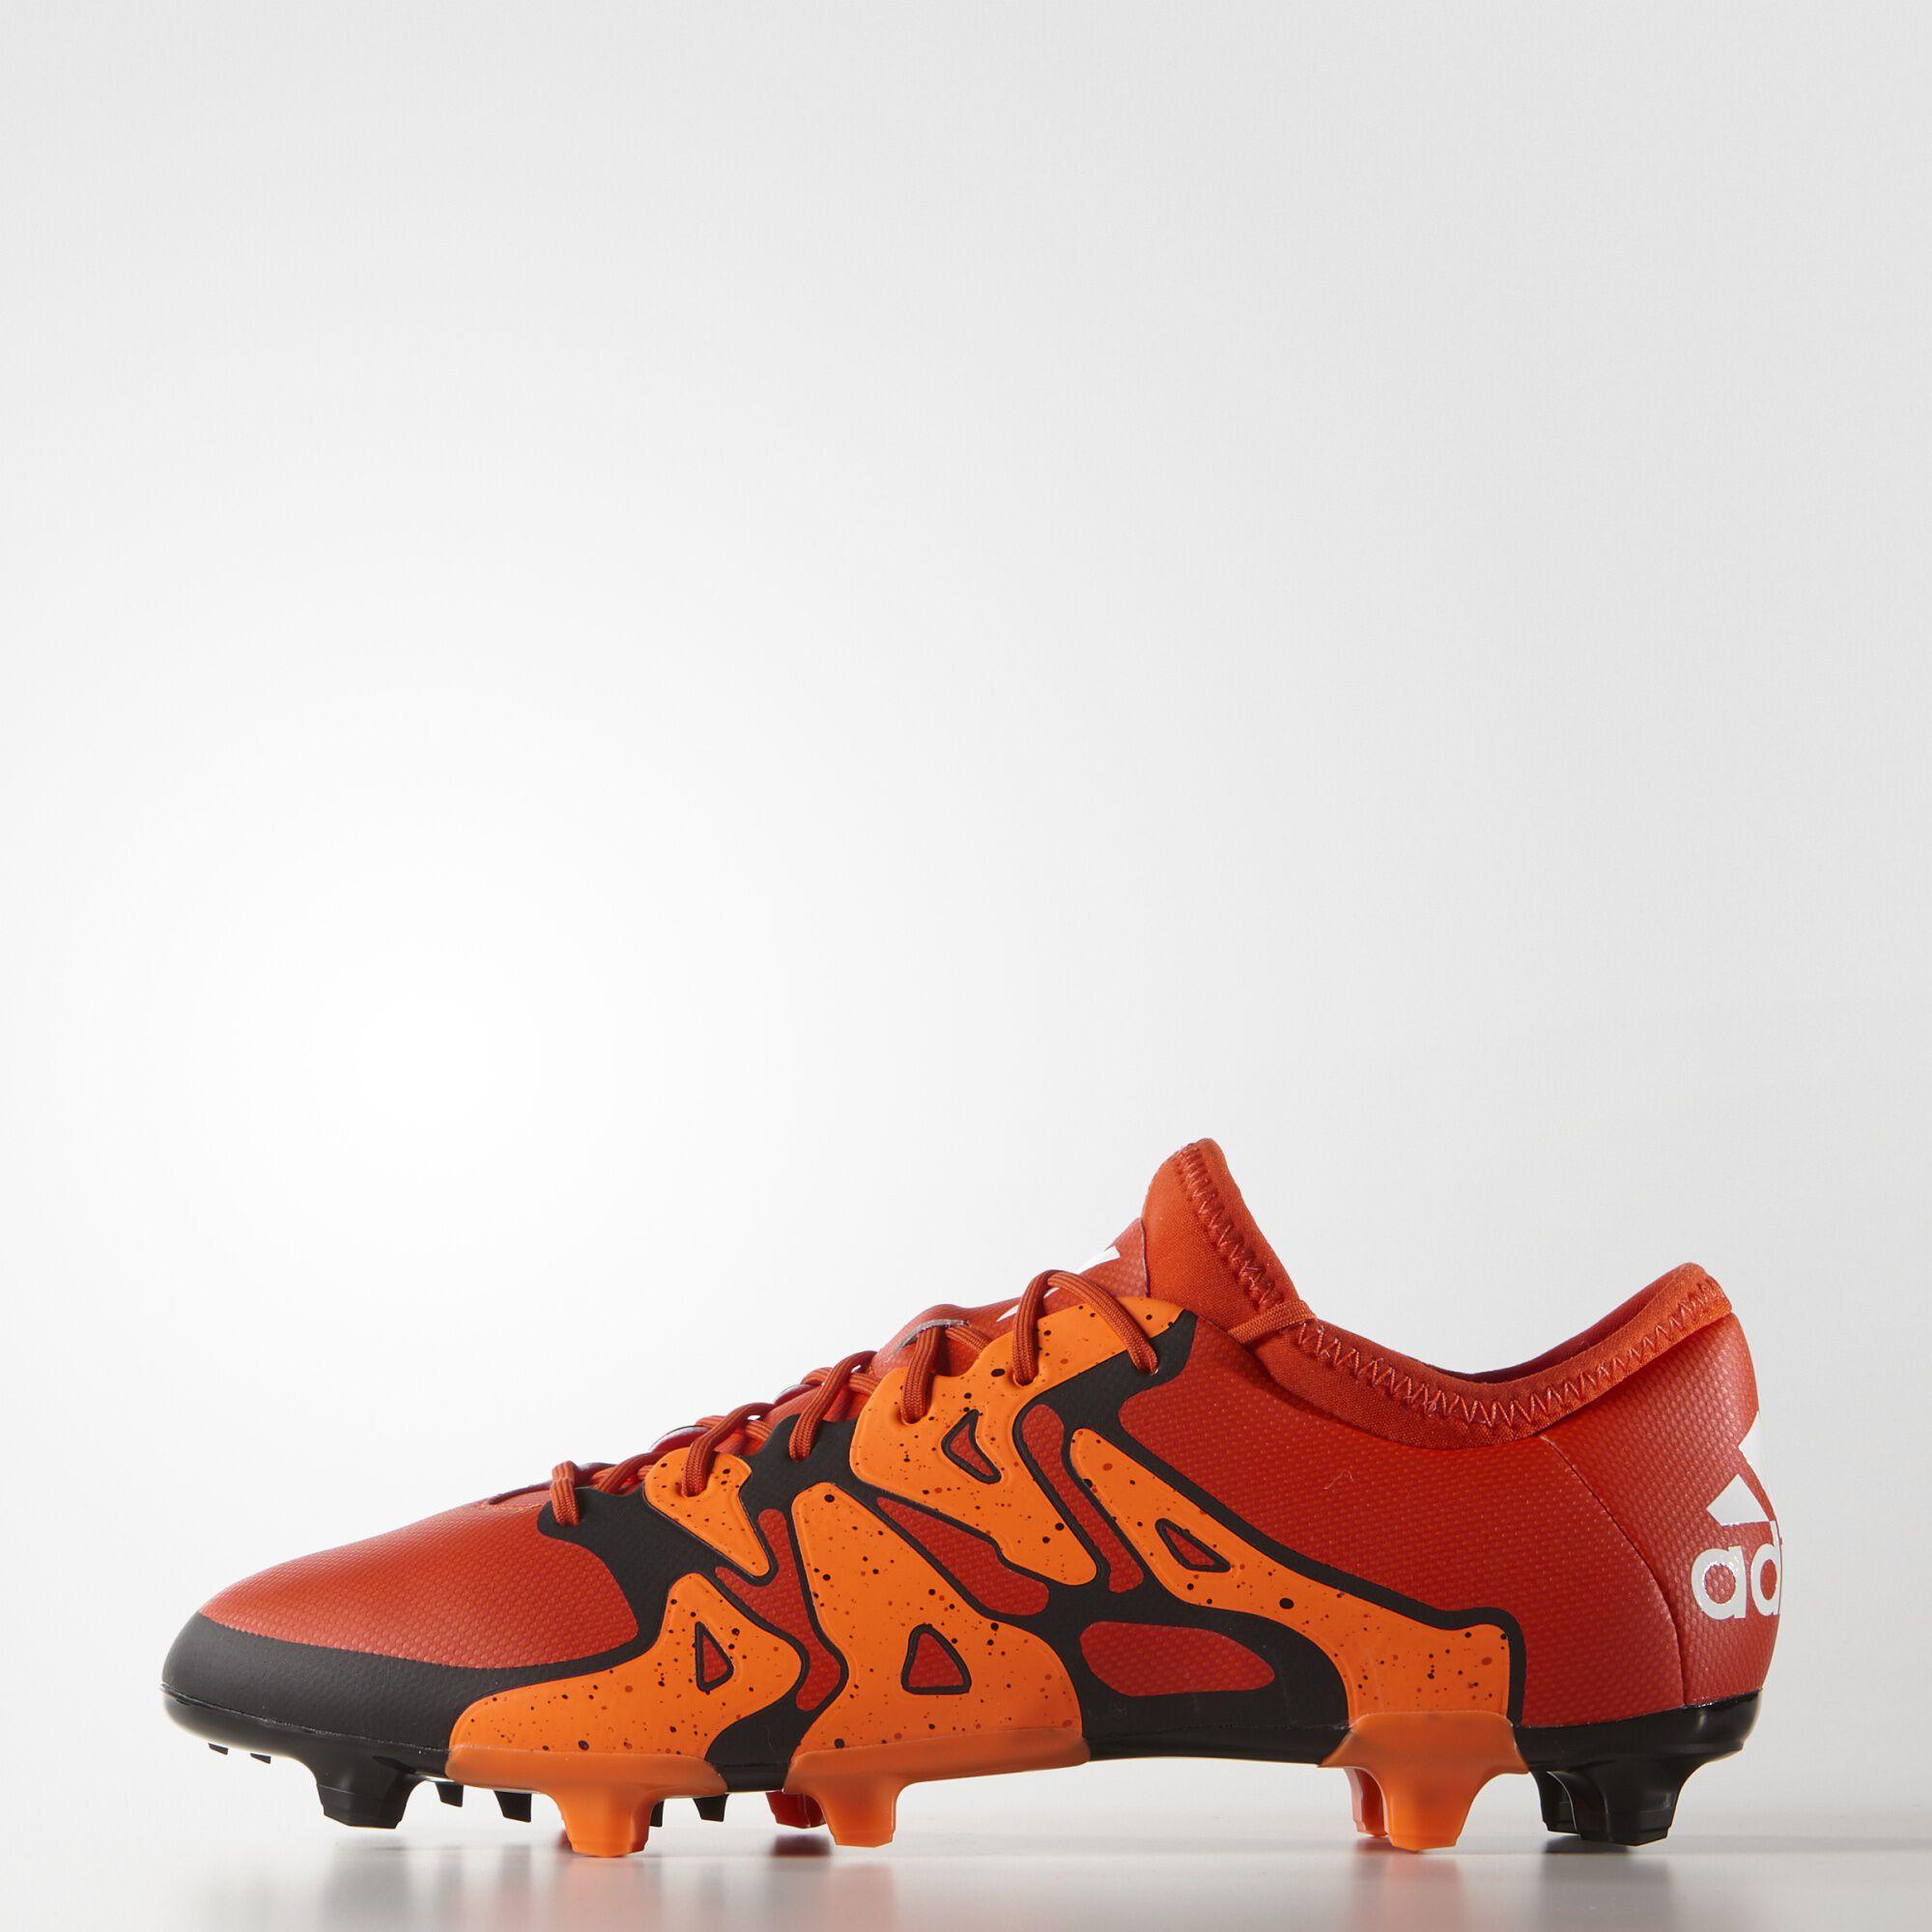 Adidas X15.2